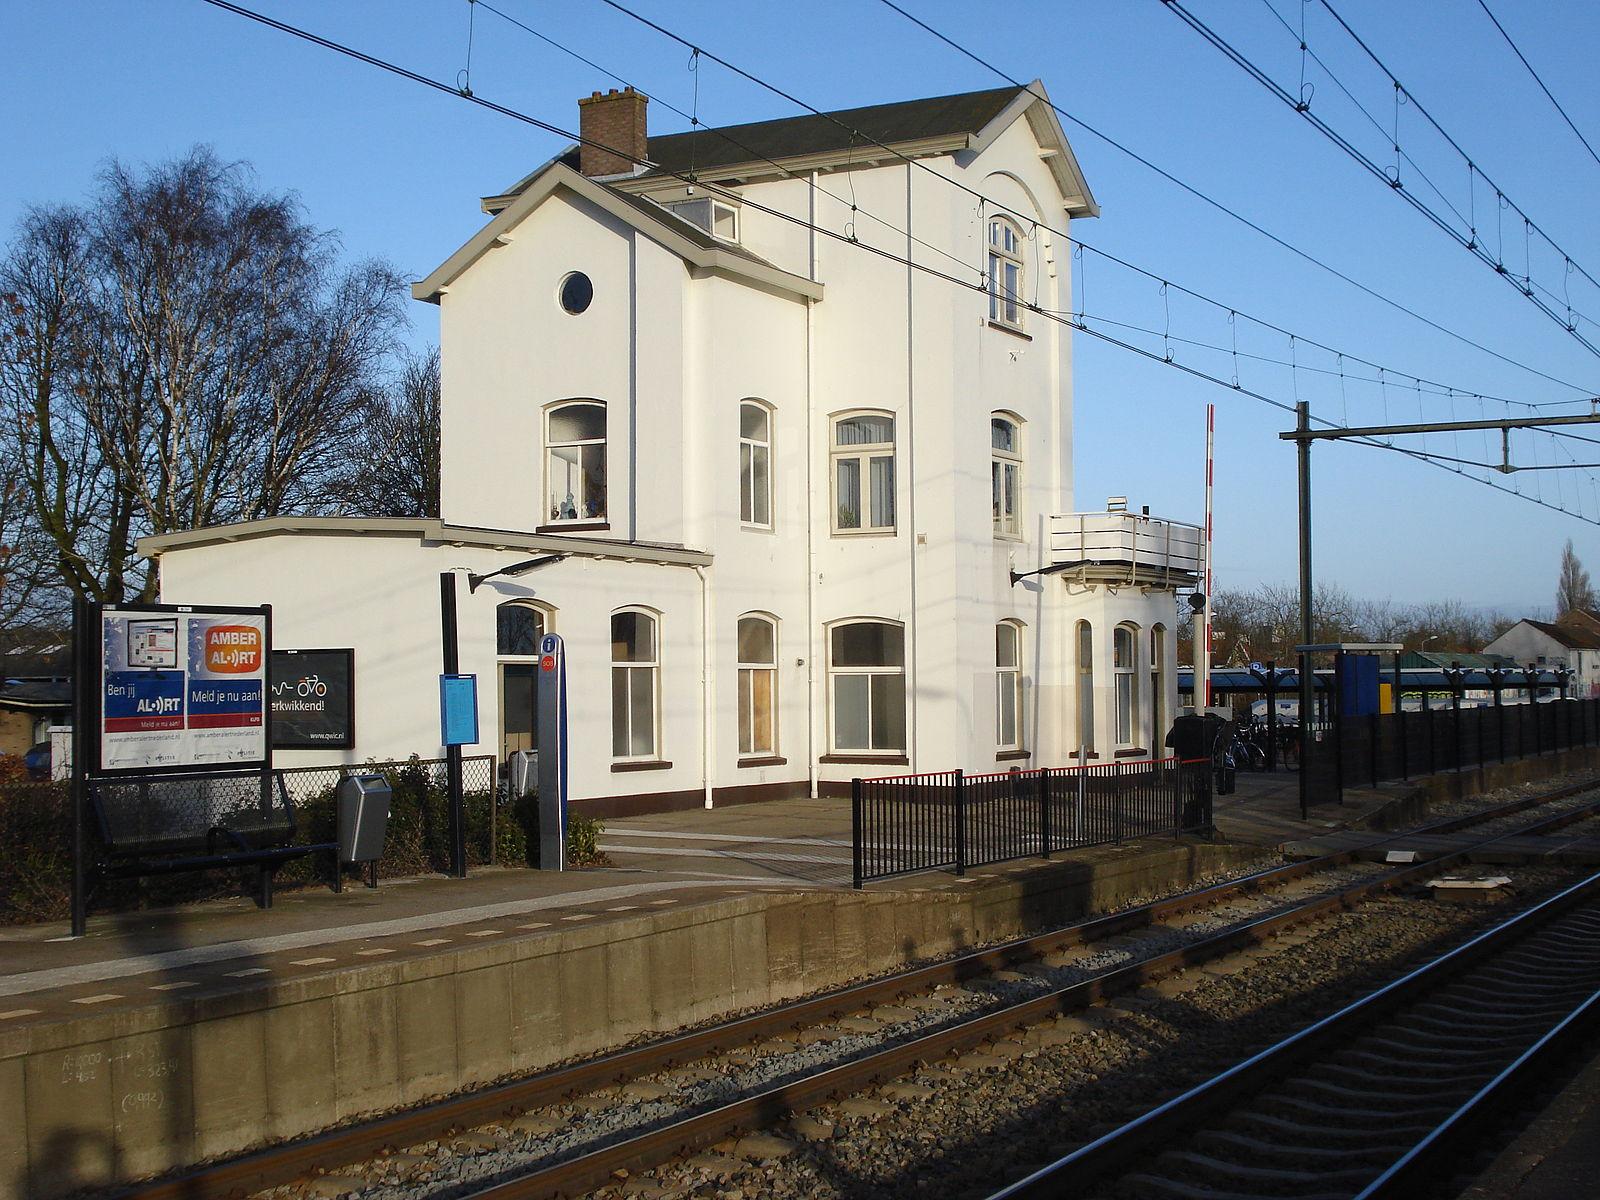 NS station kapelle ism makelaars